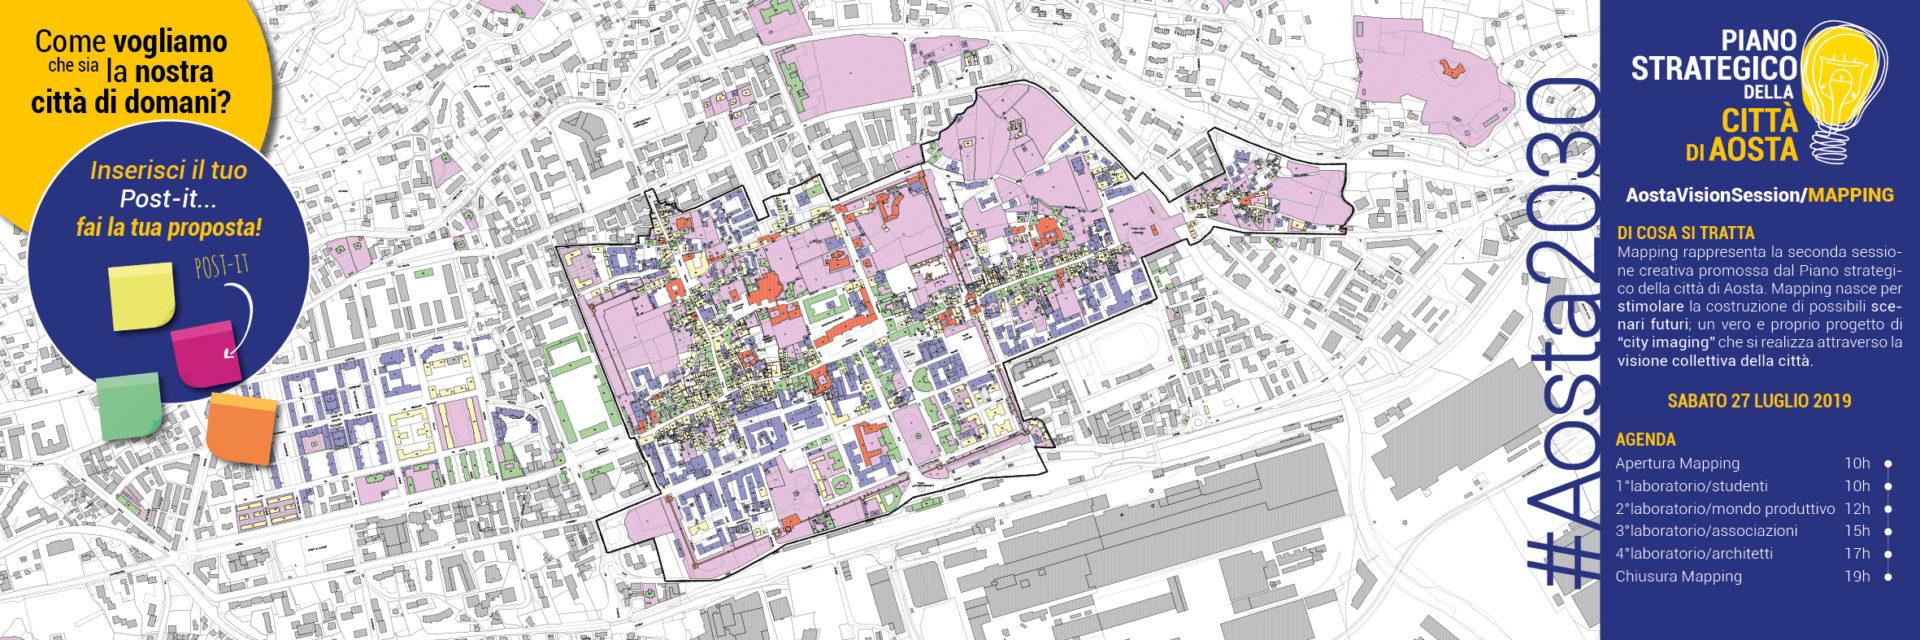 Pannello piazza Porta Praetoria lato piazza